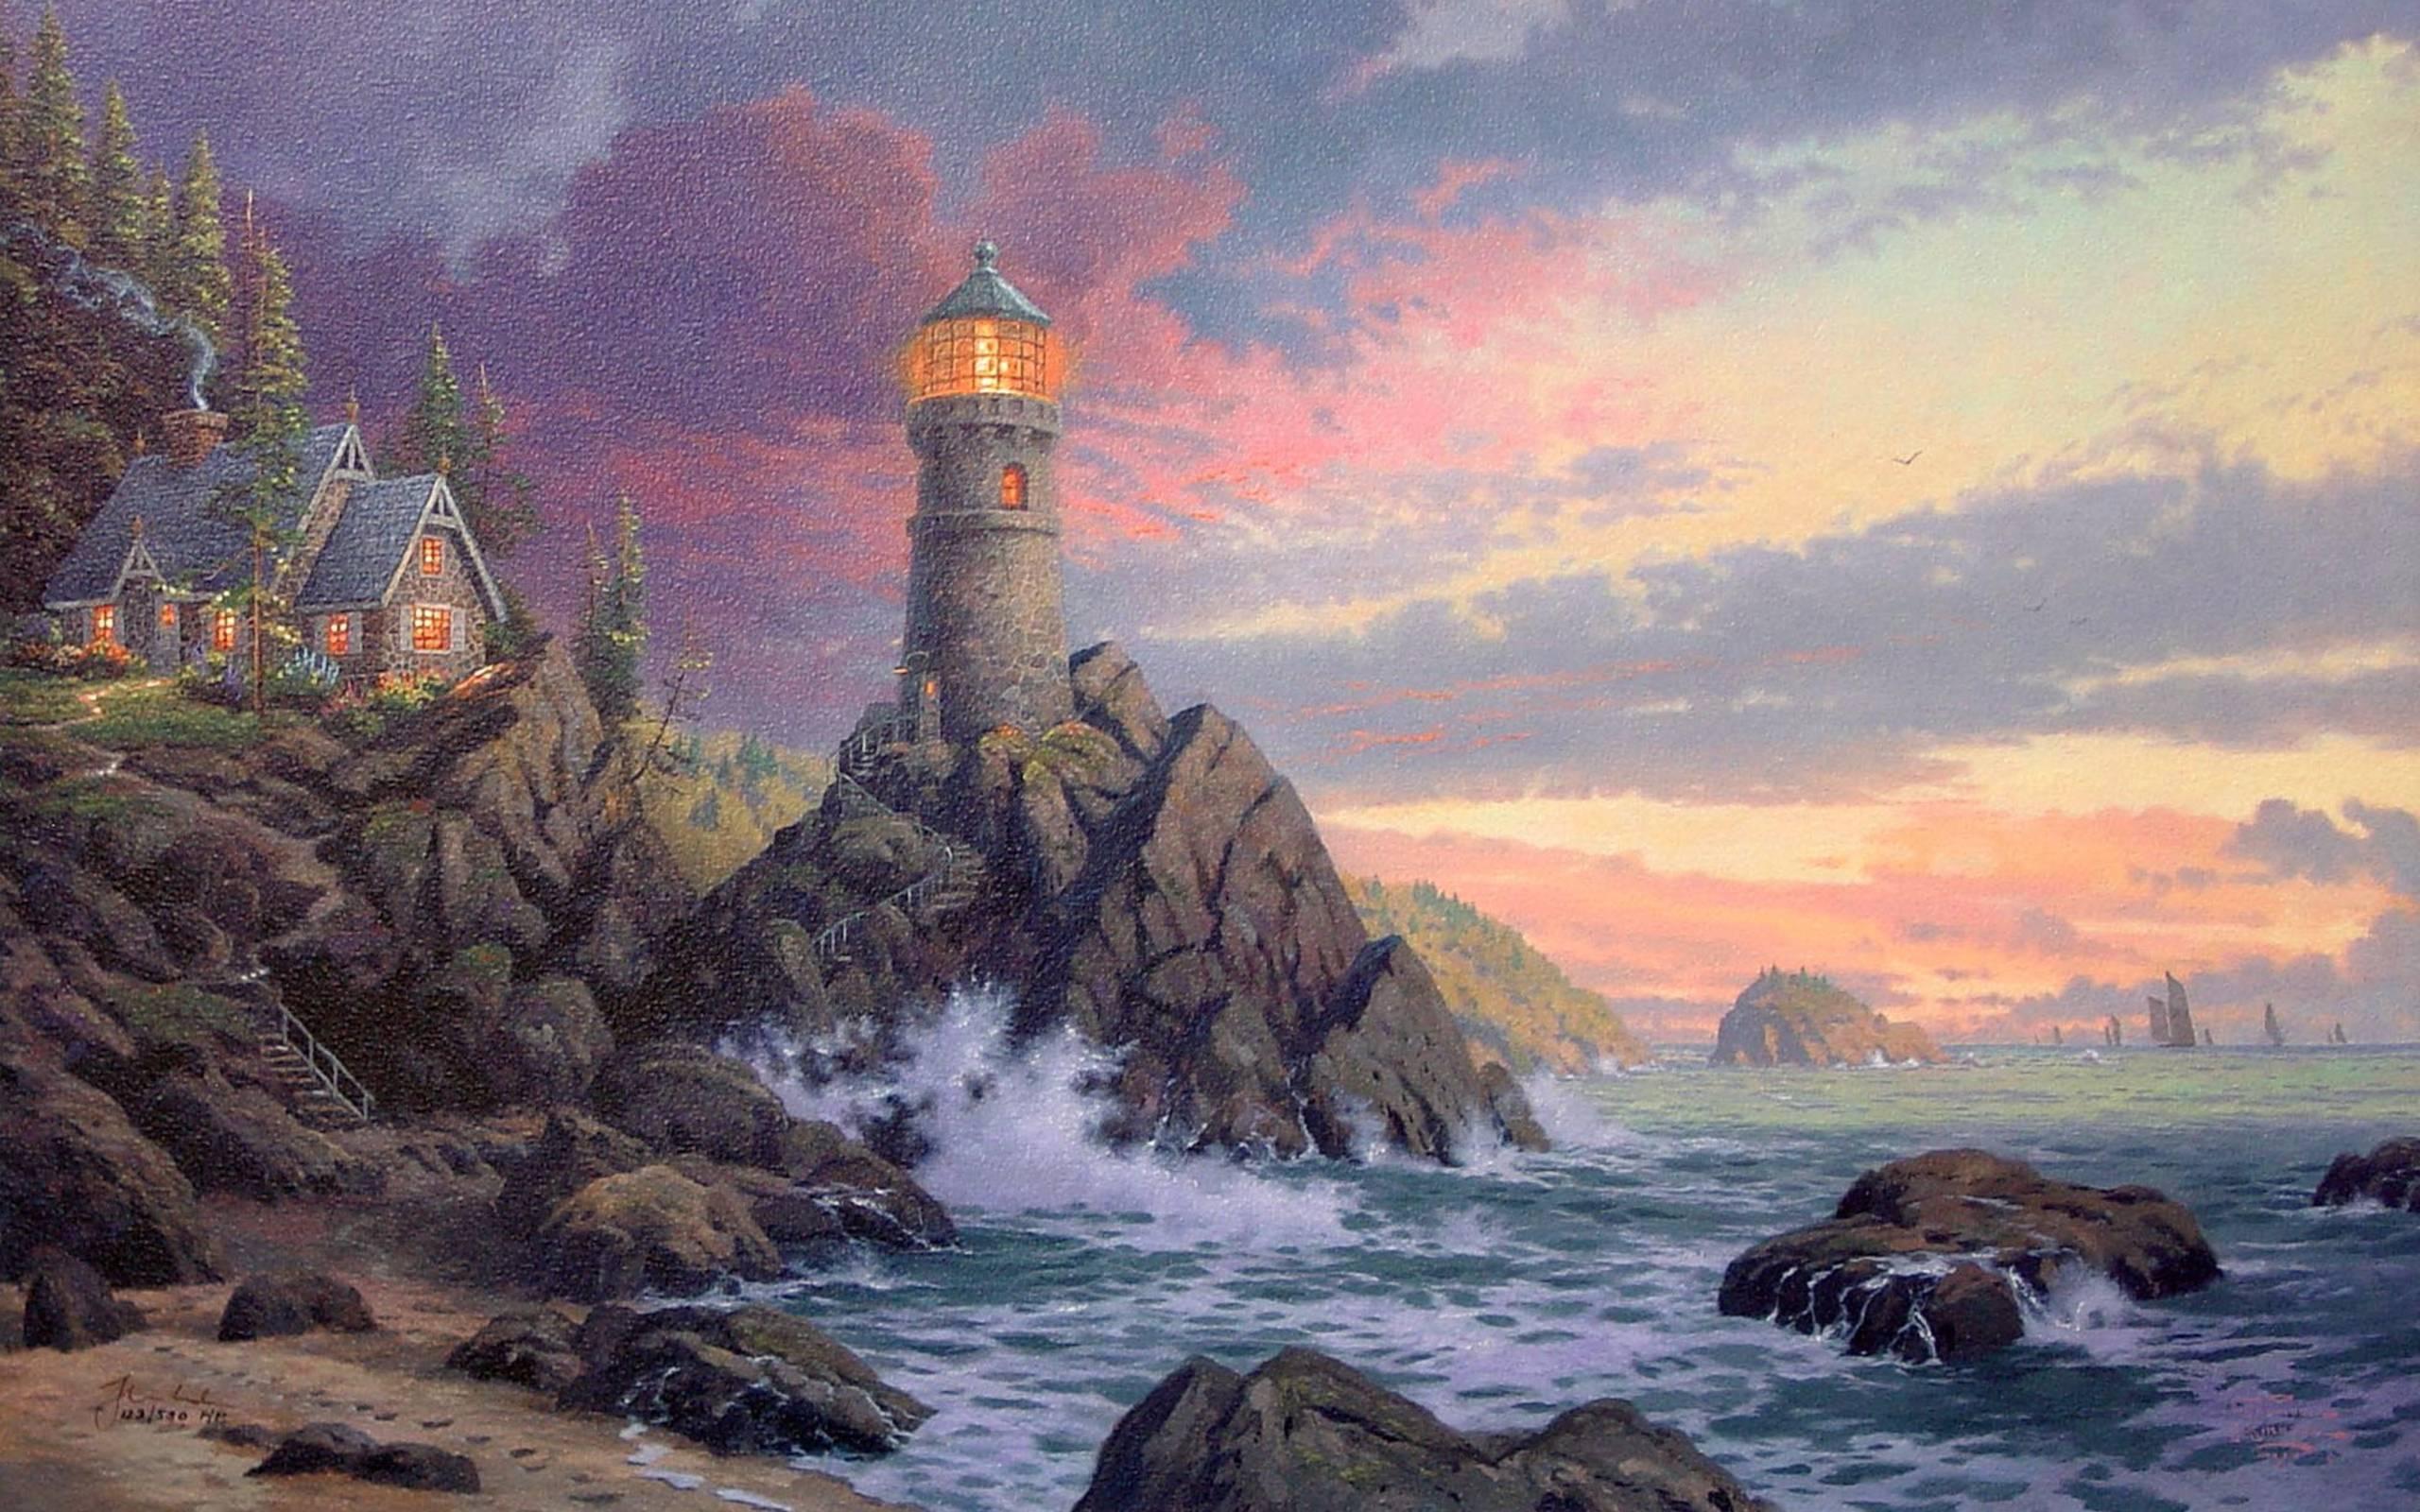 lighthouse desktop wallpaper 7900 - photo #30